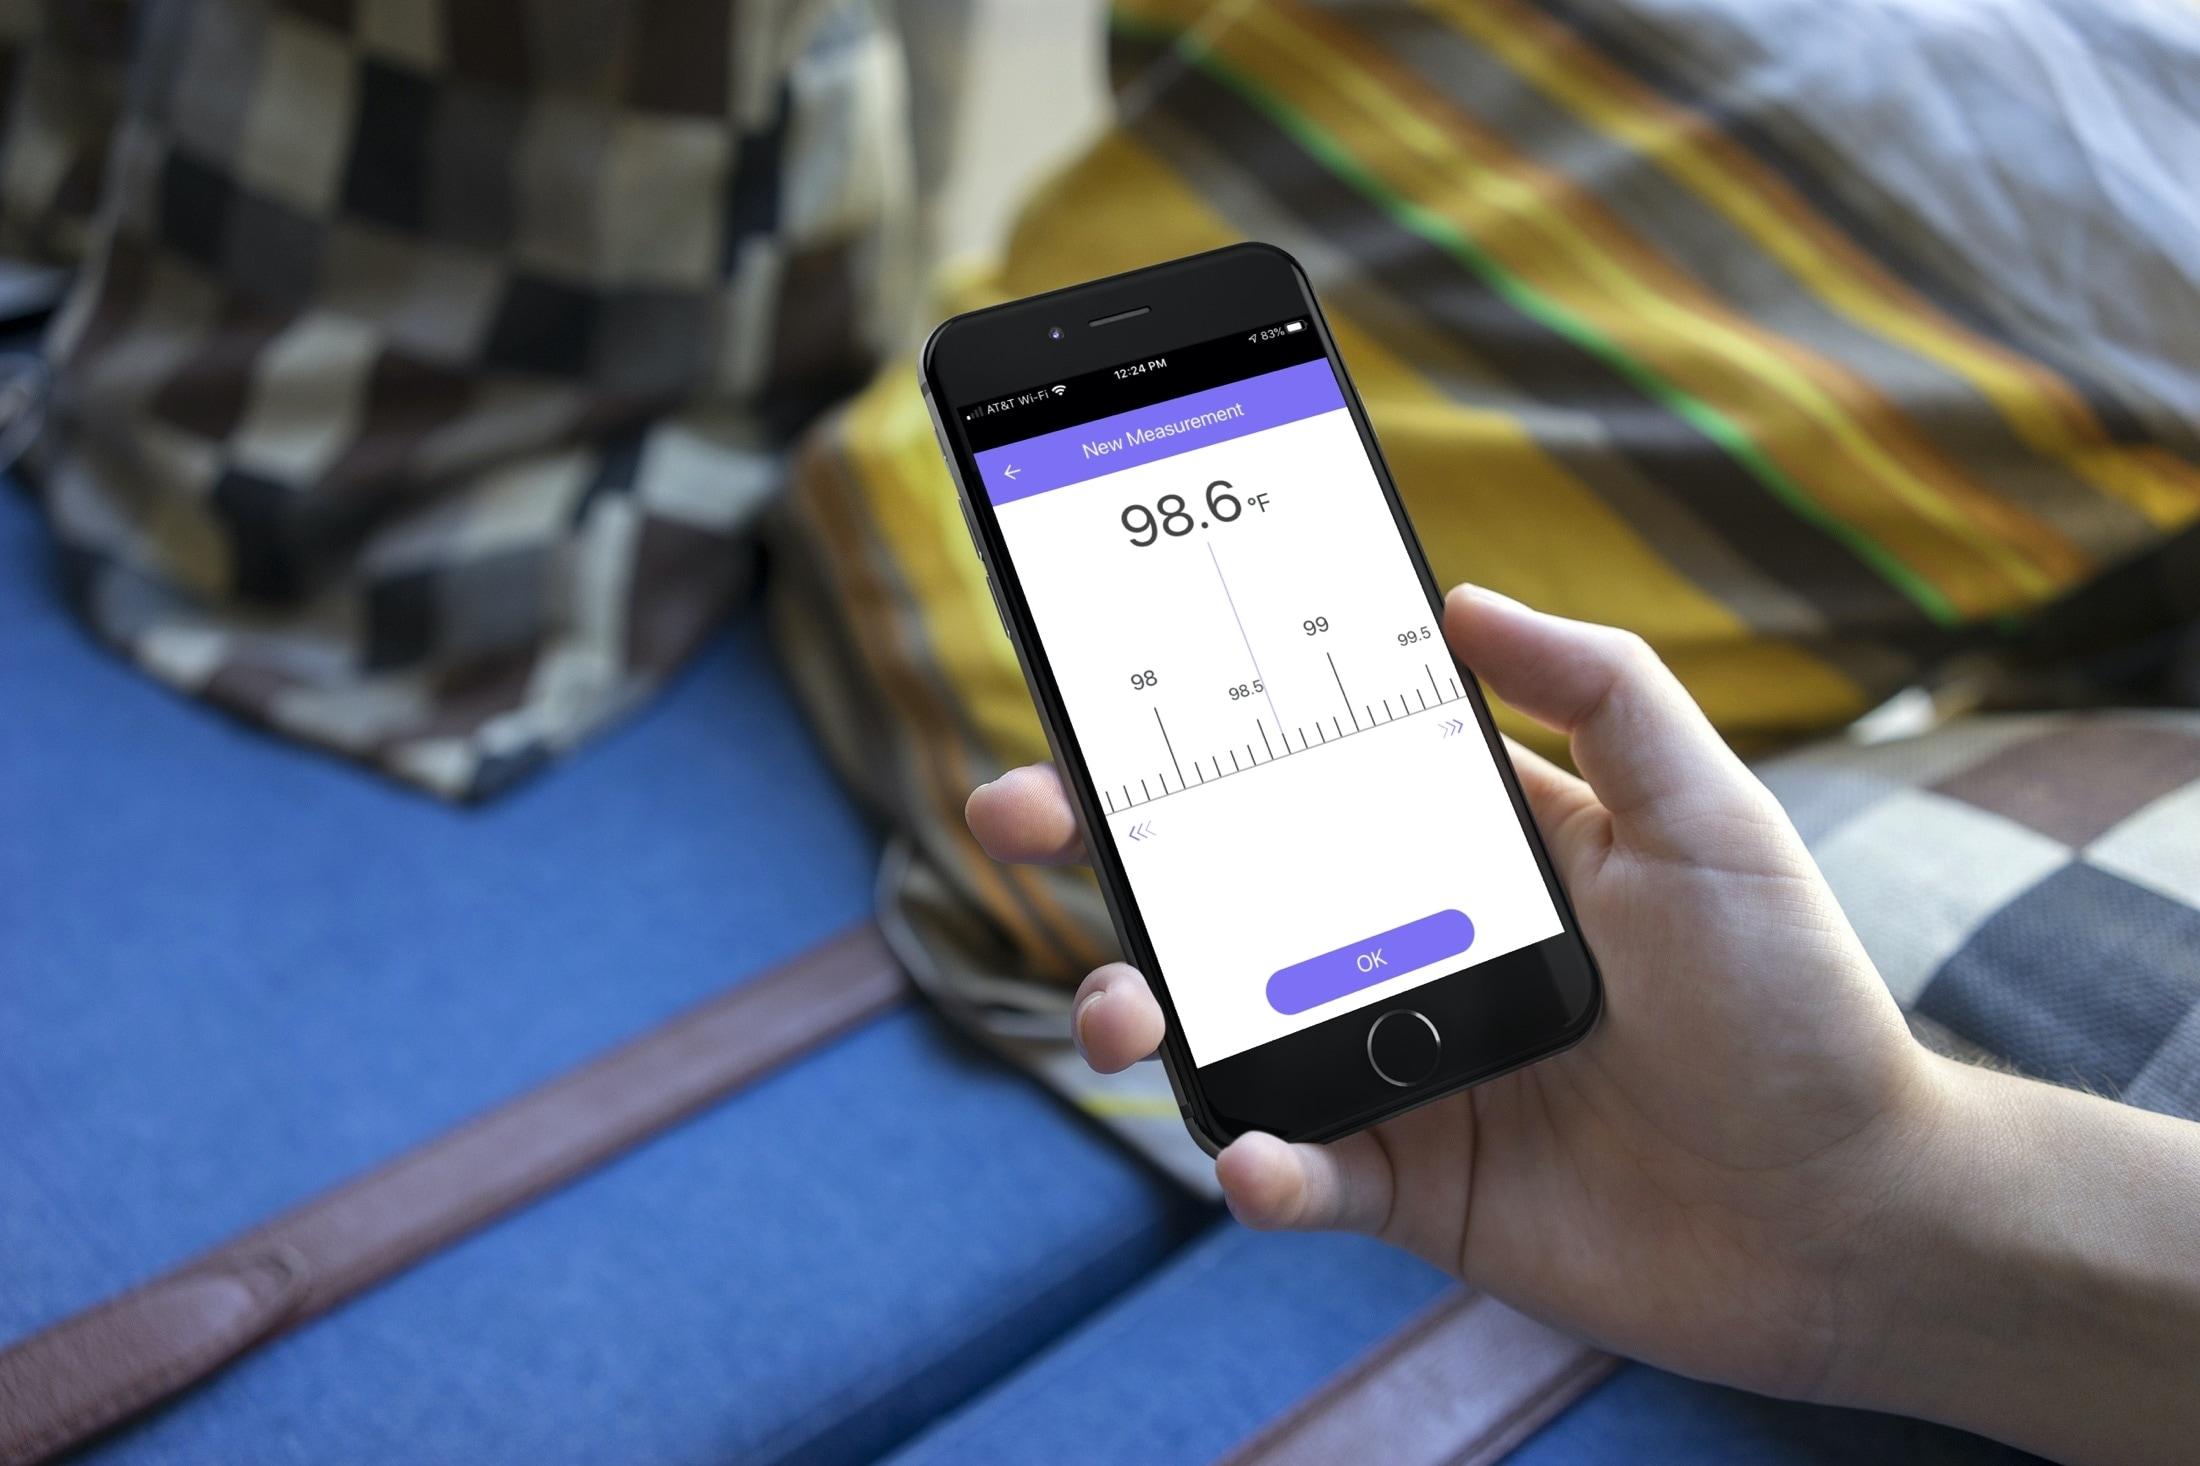 aplicativos de rastreamento de temperatura corporal do iPhone - MedM